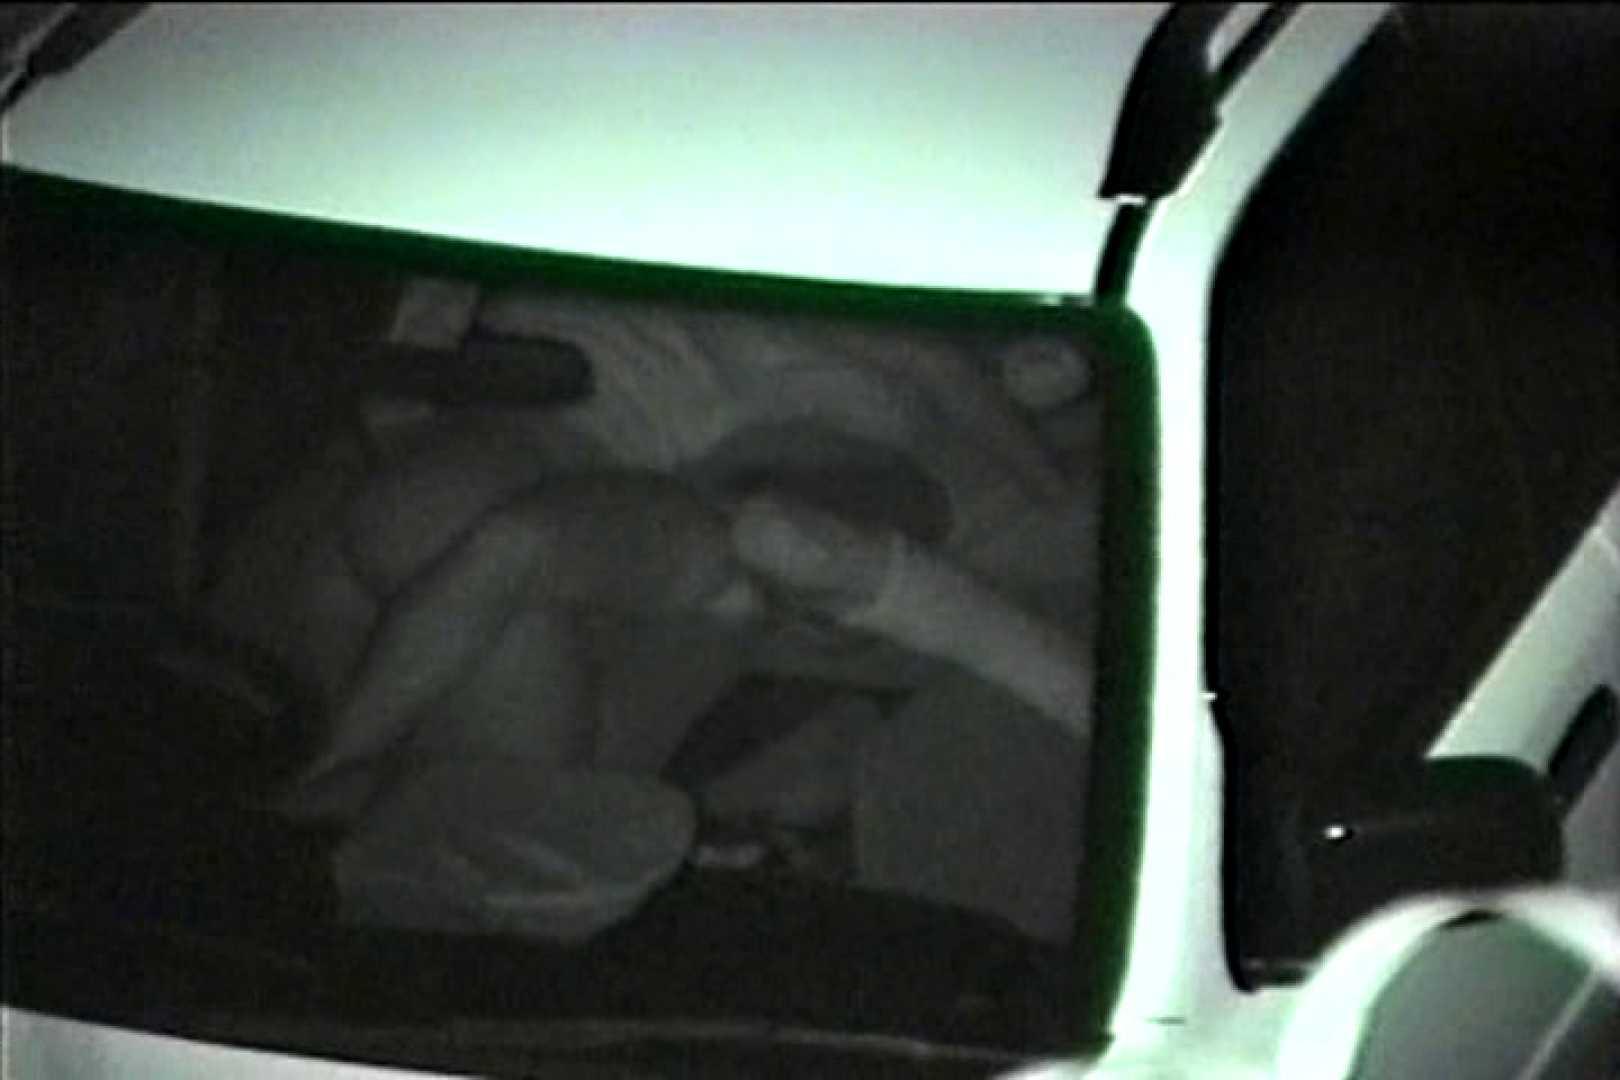 車の中はラブホテル 無修正版  Vol.7 人気シリーズ 盗み撮り動画 81pic 43